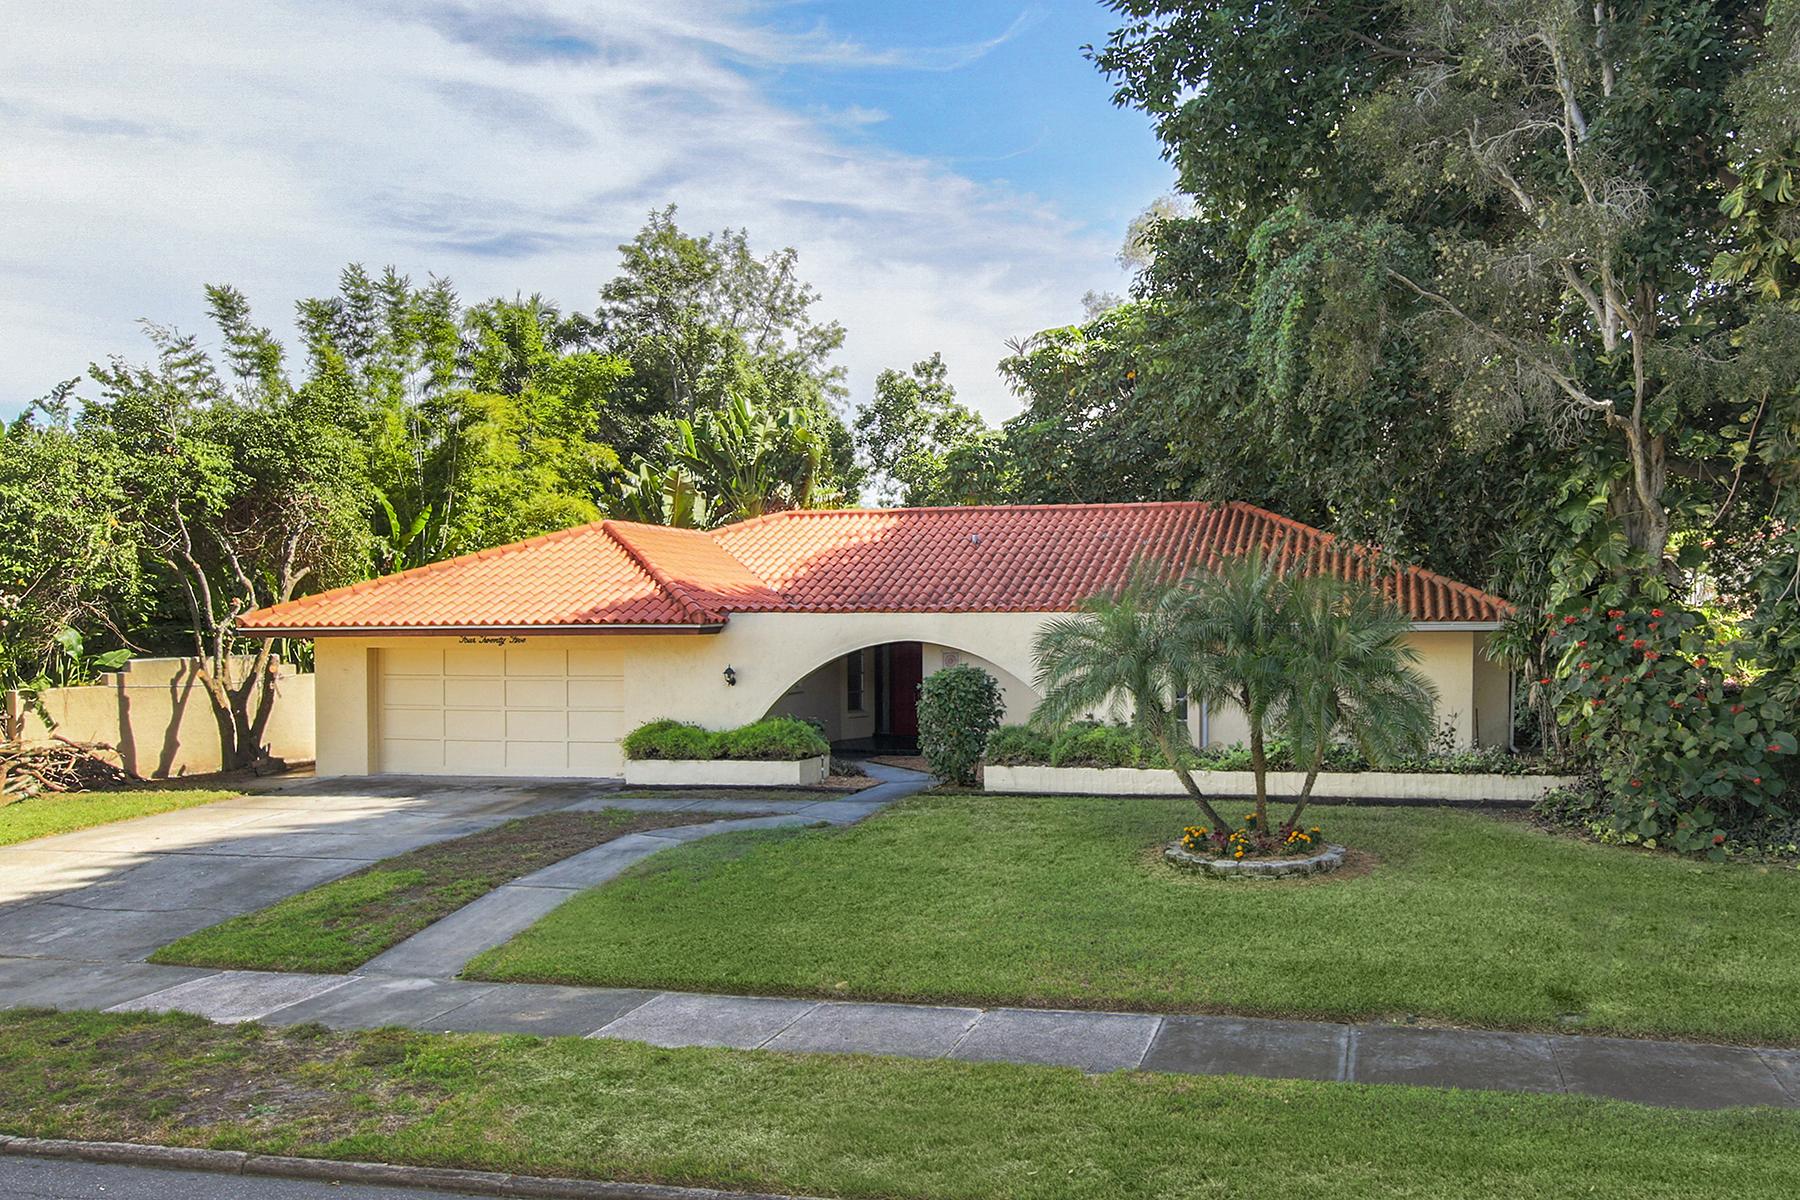 Casa Unifamiliar por un Venta en VENEZIA PARK - VENICE ISLAND 425 Harbor Dr S Venice, Florida, 34285 Estados Unidos